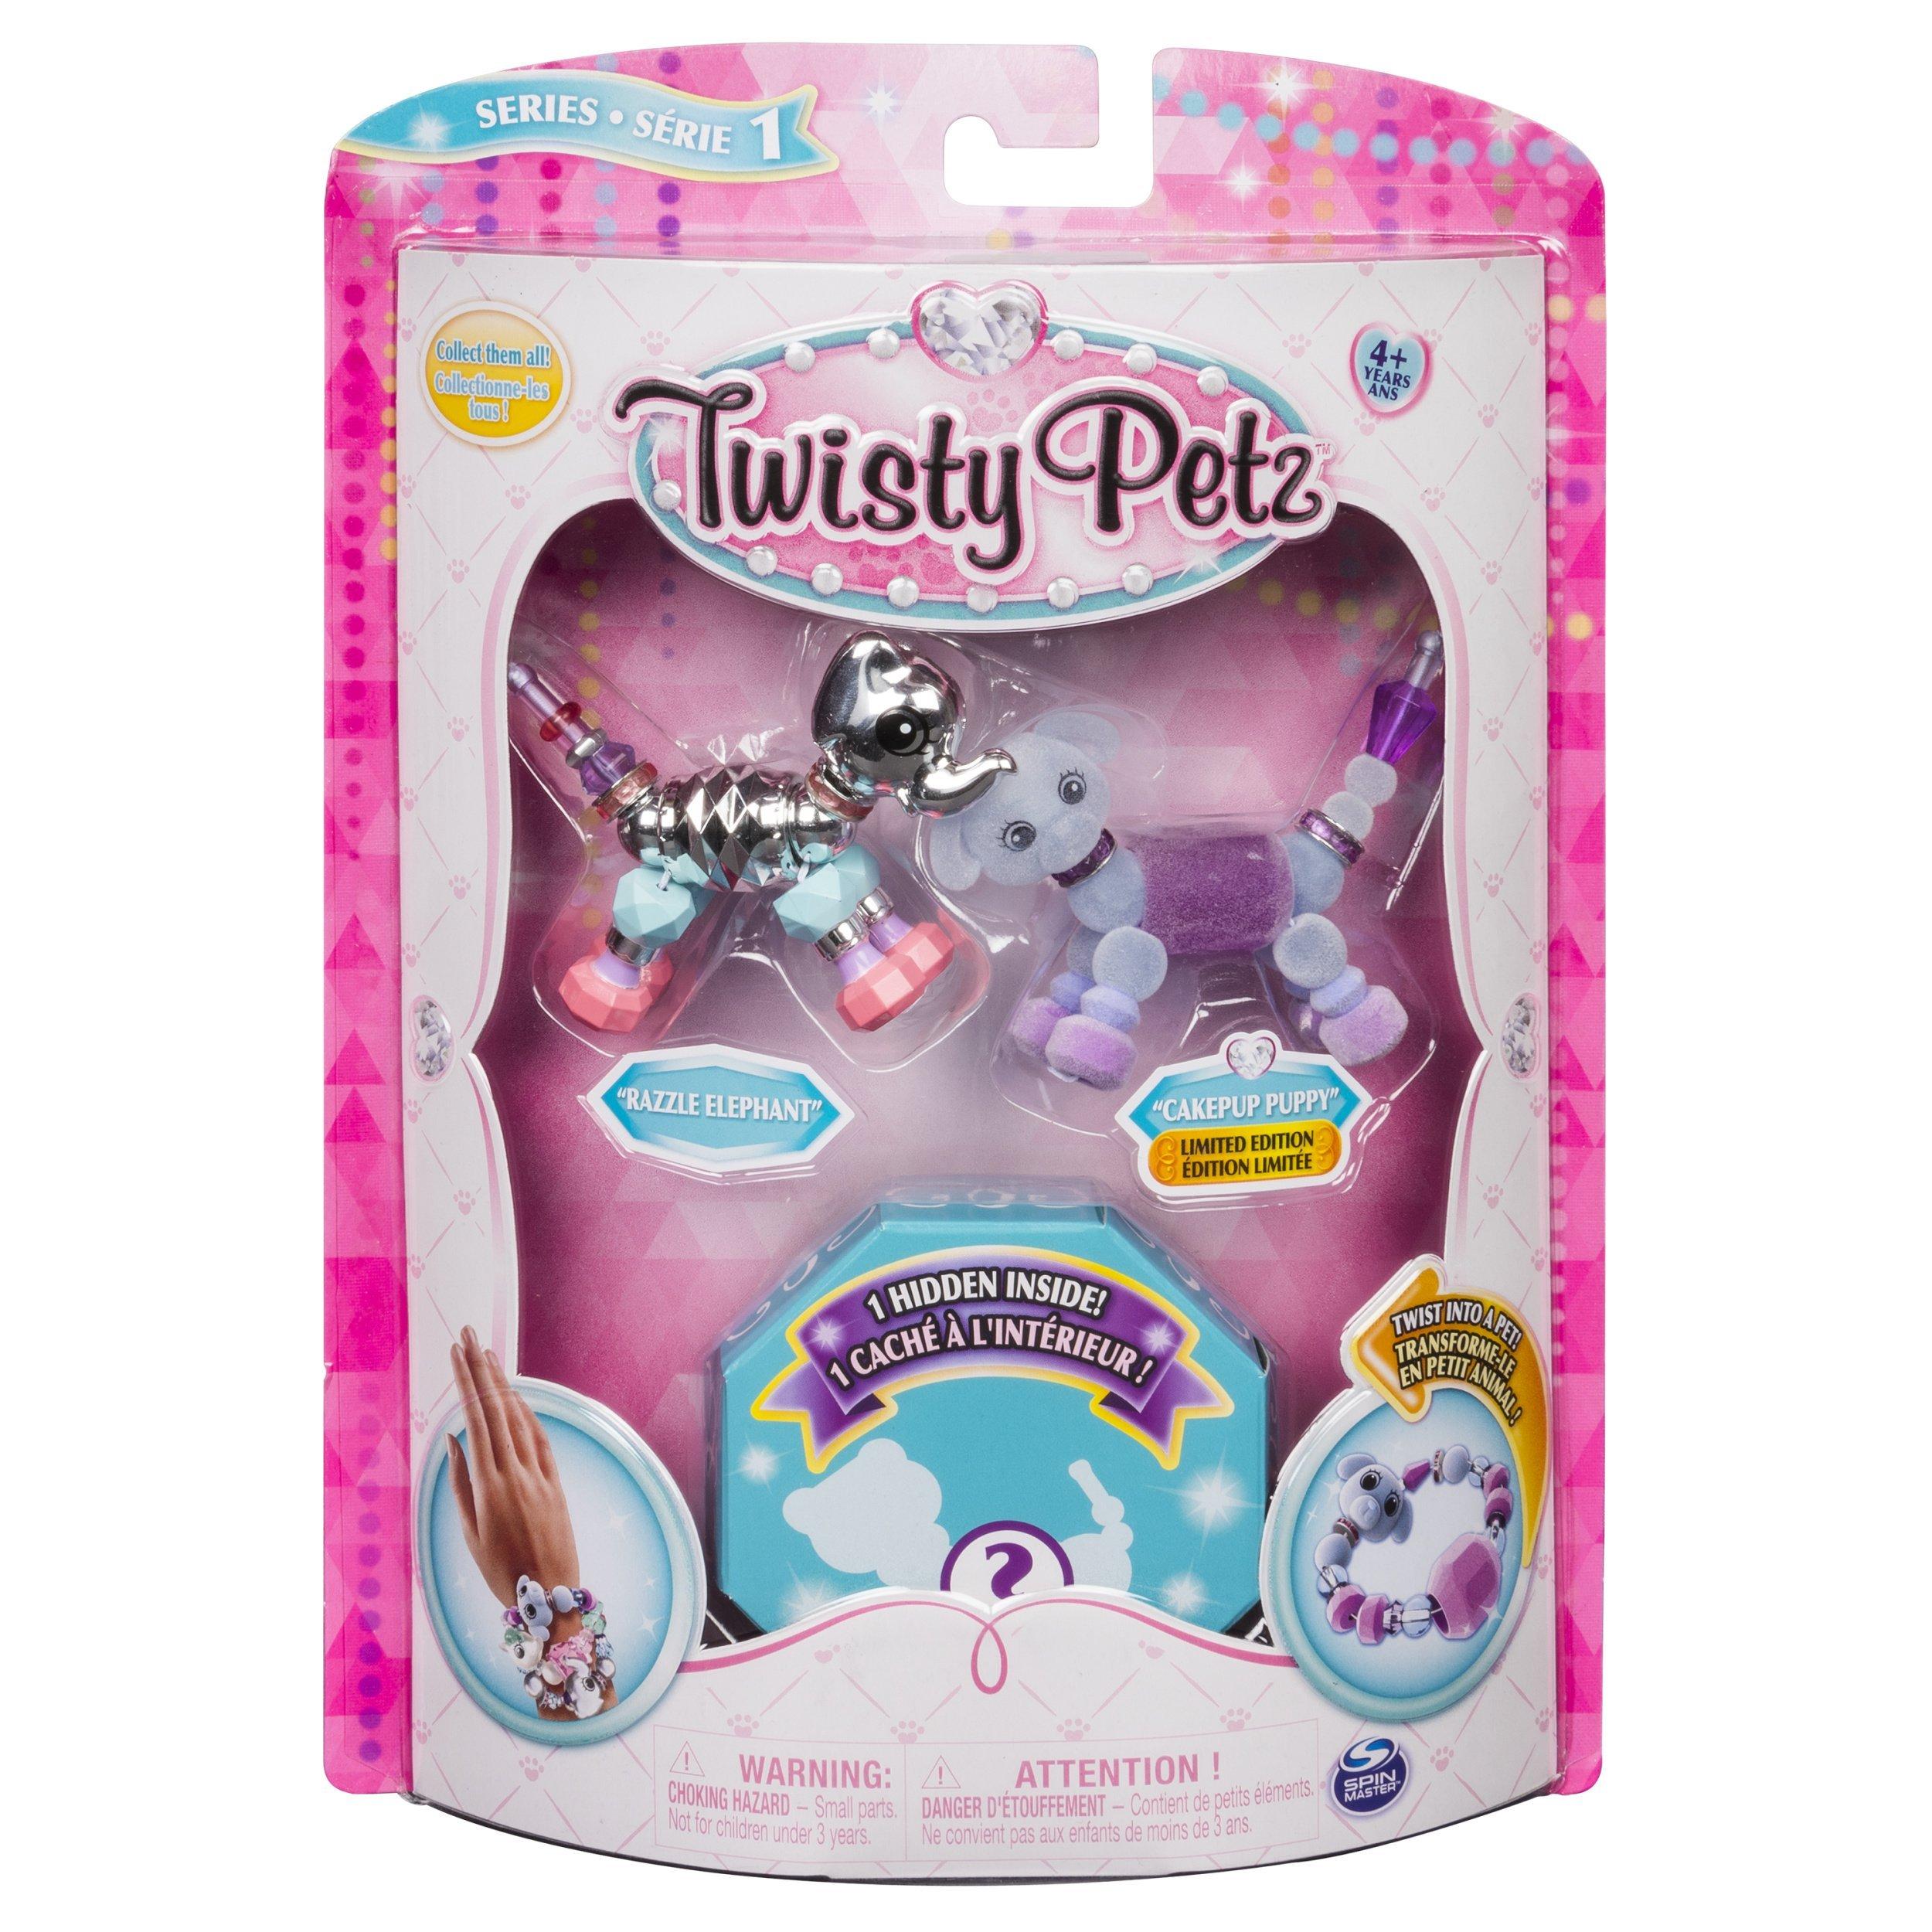 Twisty Petz - 3-Pack - Razzle Elephant, Cakepup Puppy Surprise Collectible Bracelet Set Kids